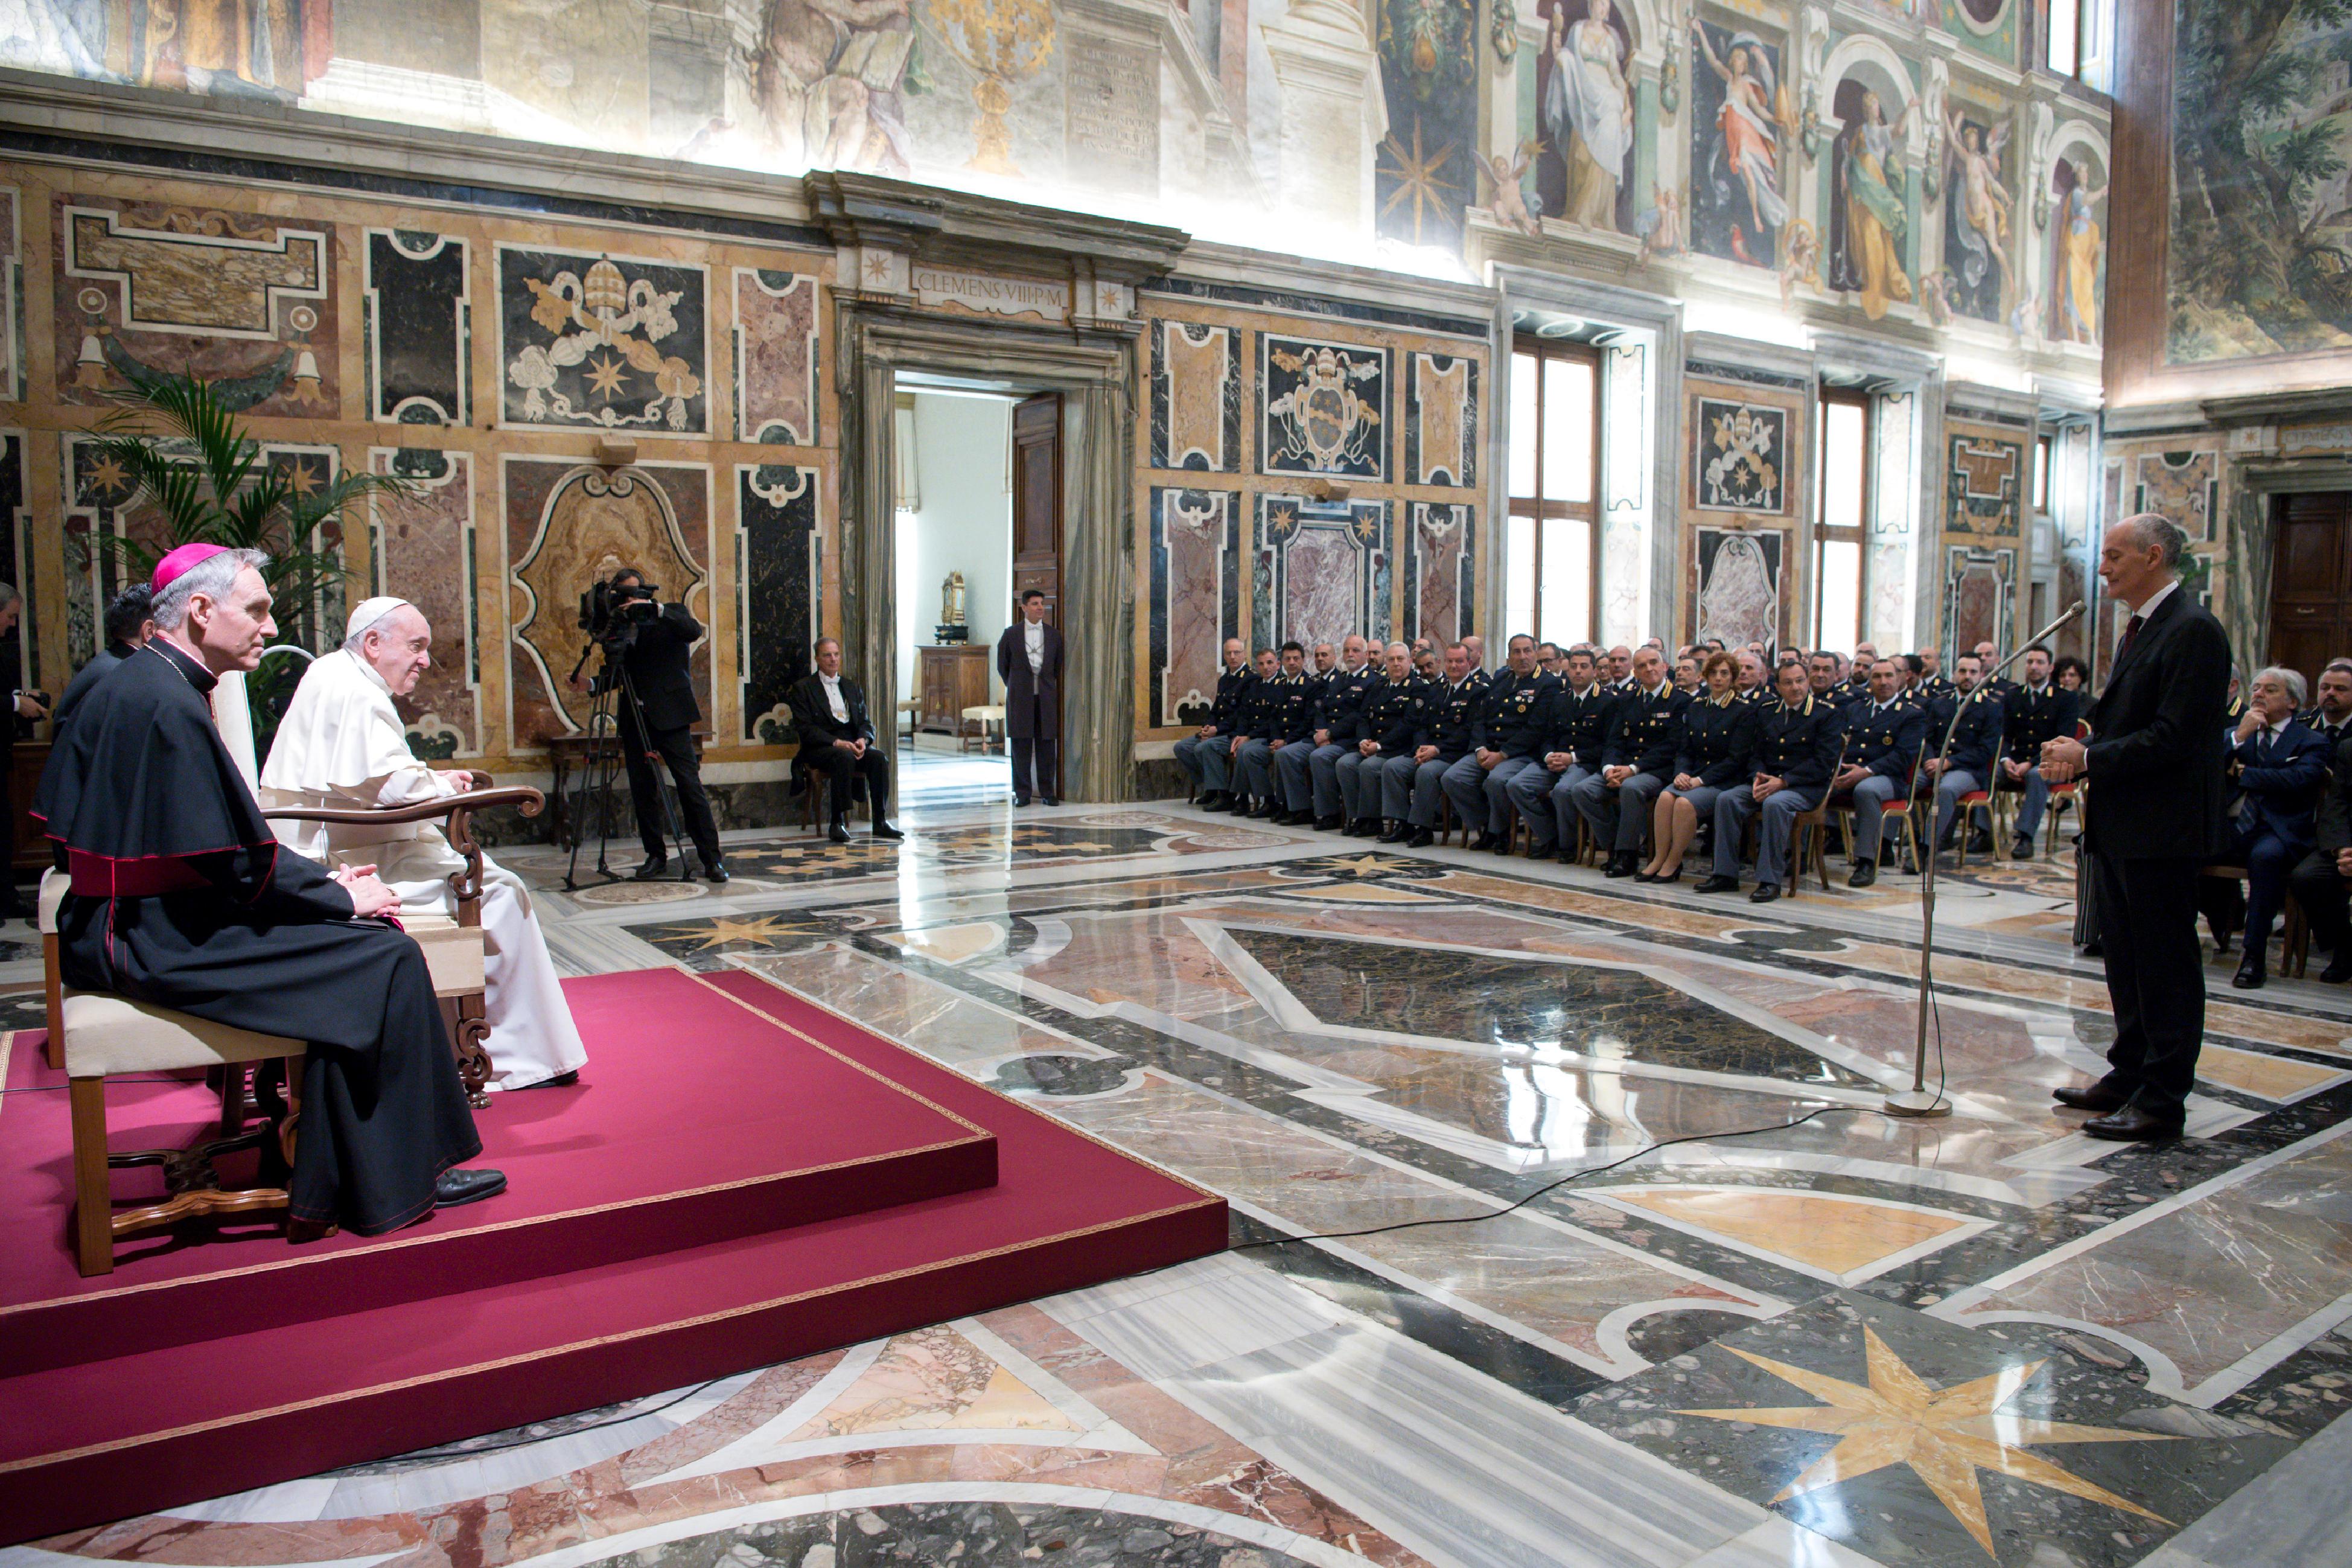 Inspectorat de sécurité publique italien auprès du Vatican © Vatican Media